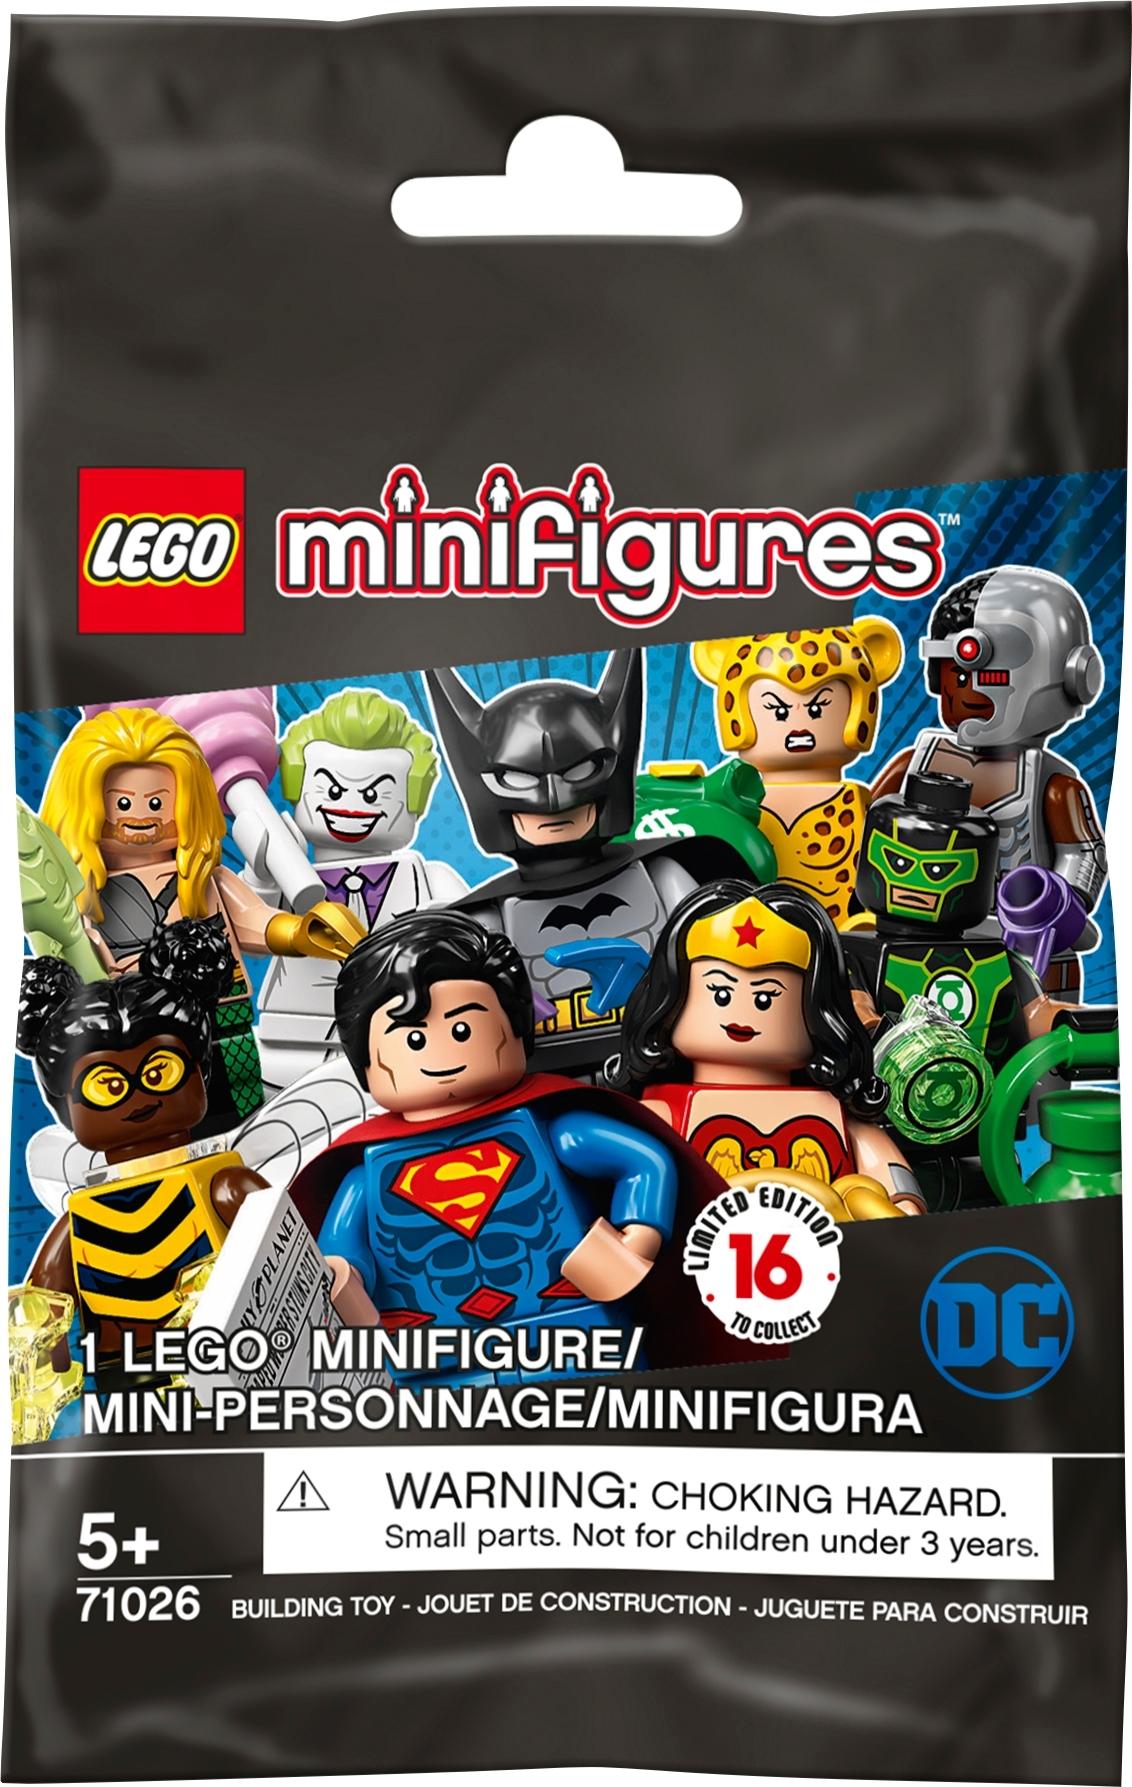 Lego DC SUPER HEROES MINIFIGURES SERIES 71026 mini fig Superman Bat-Mite set